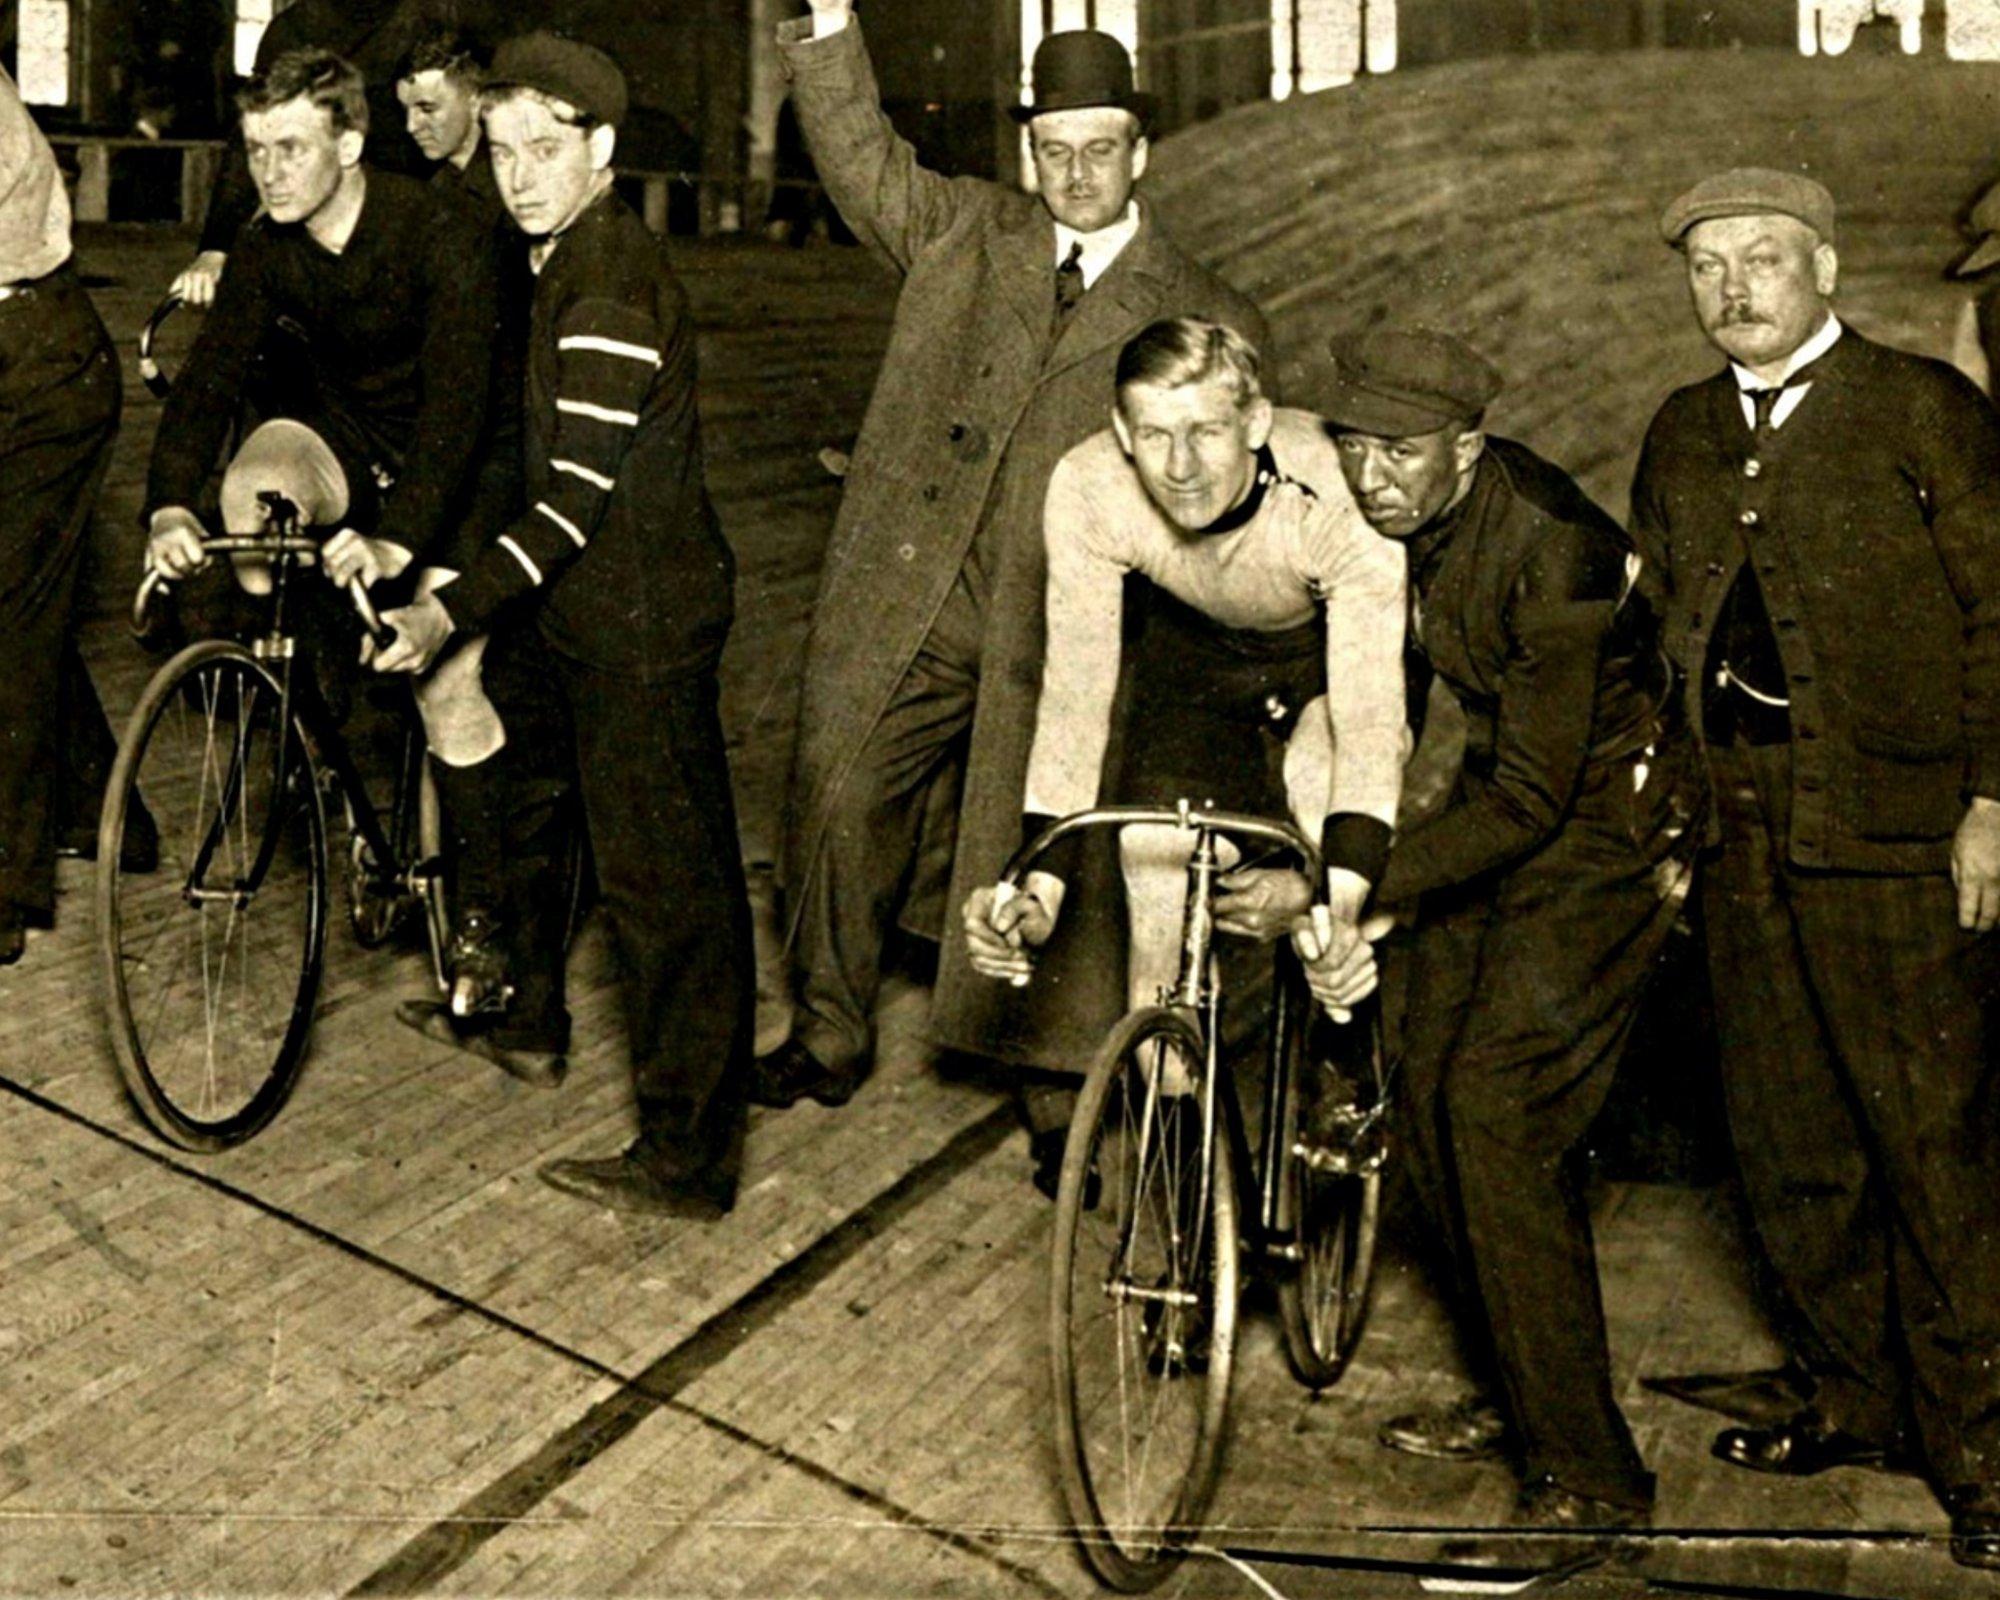 Bicycle_Races_Newark_Nutley_NJ836-005.jpg